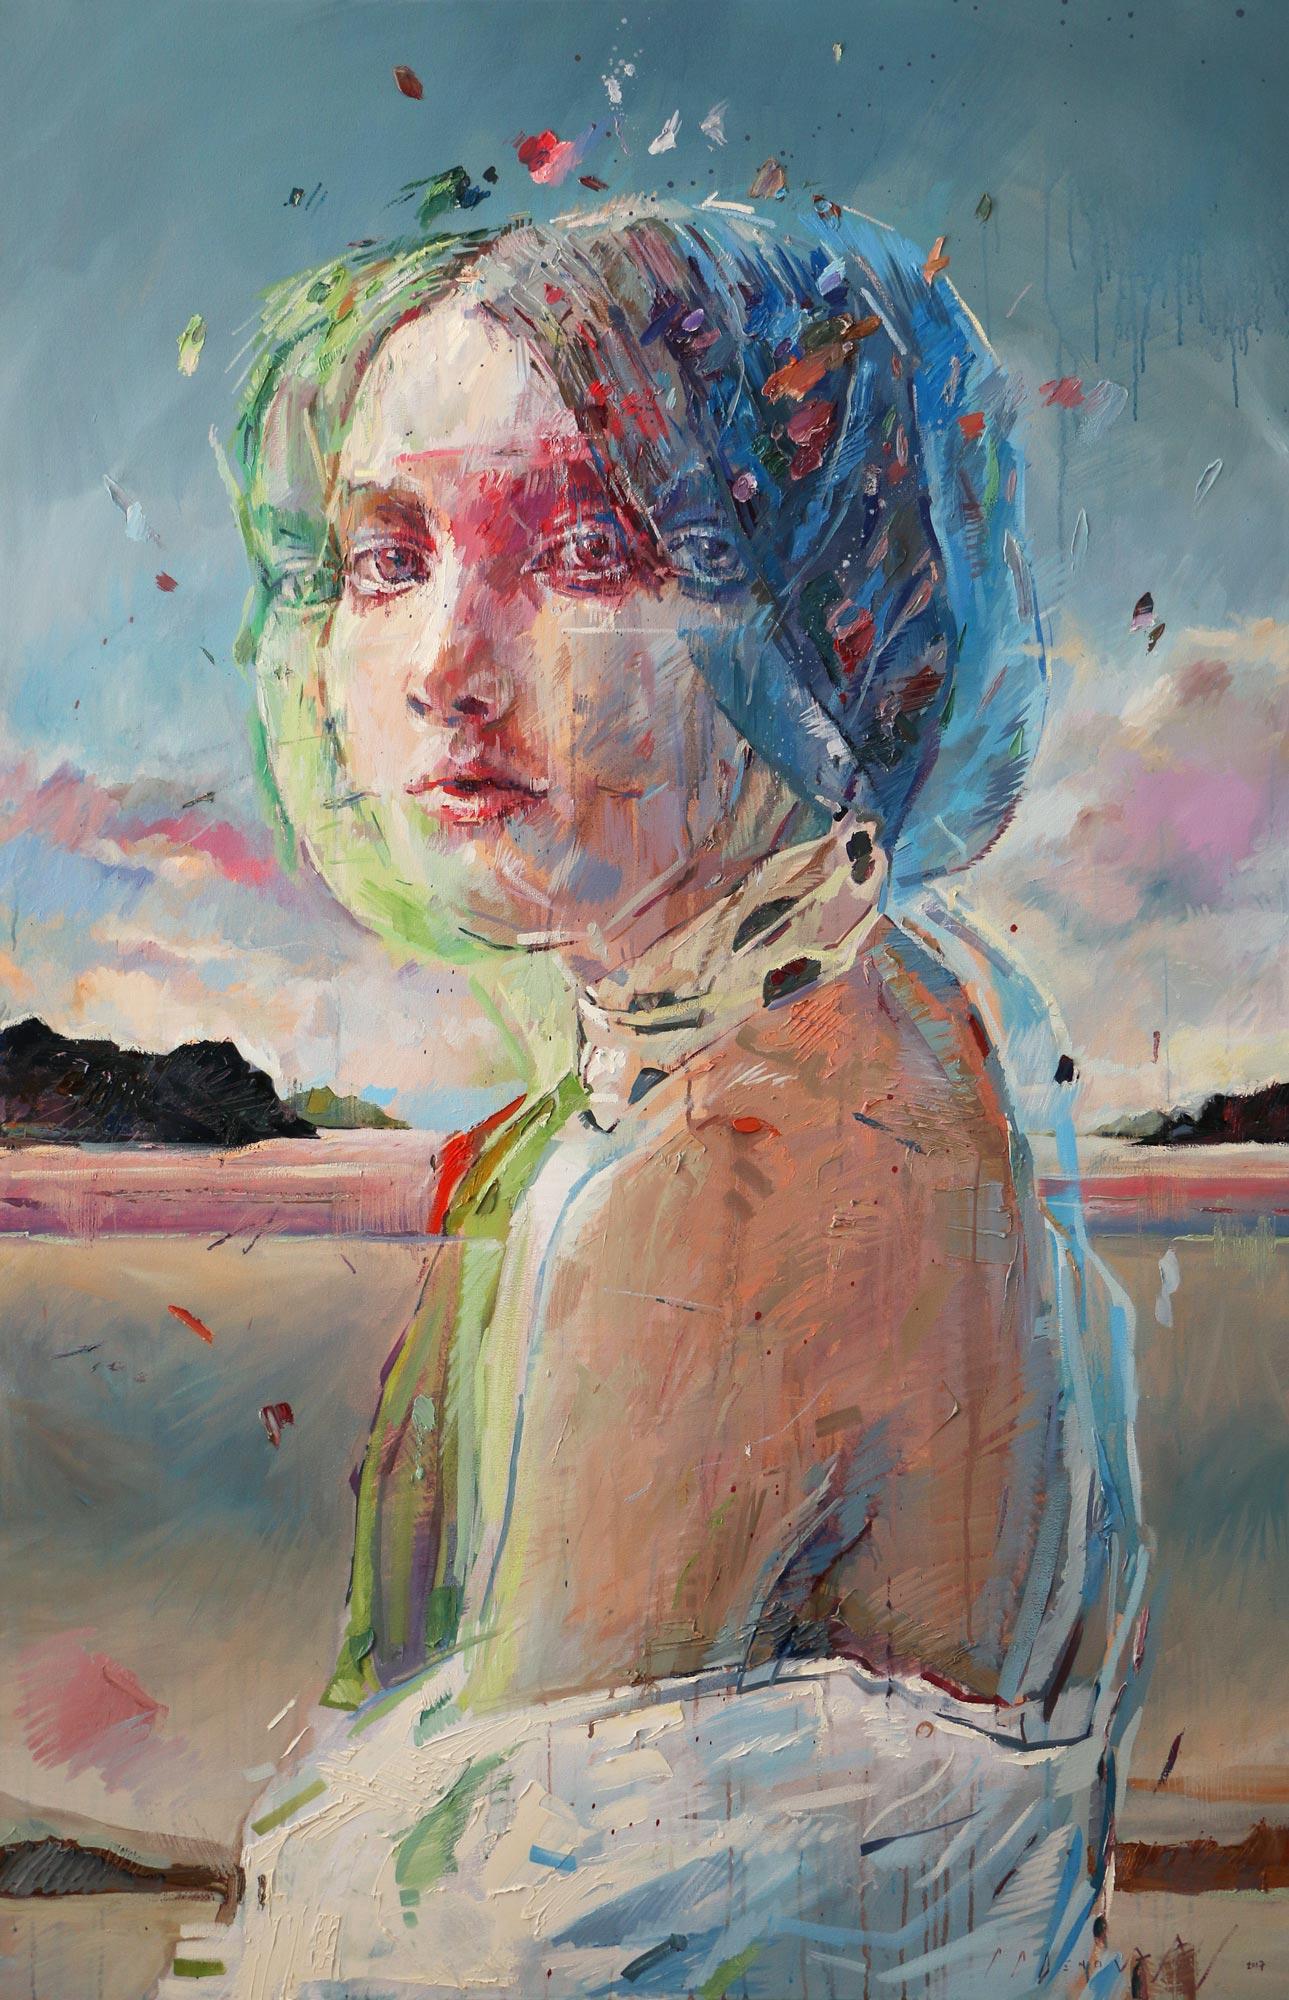 Ascendance (Kristina Habicht) . Oil and acrylic on canvas.180cm x 116cm.